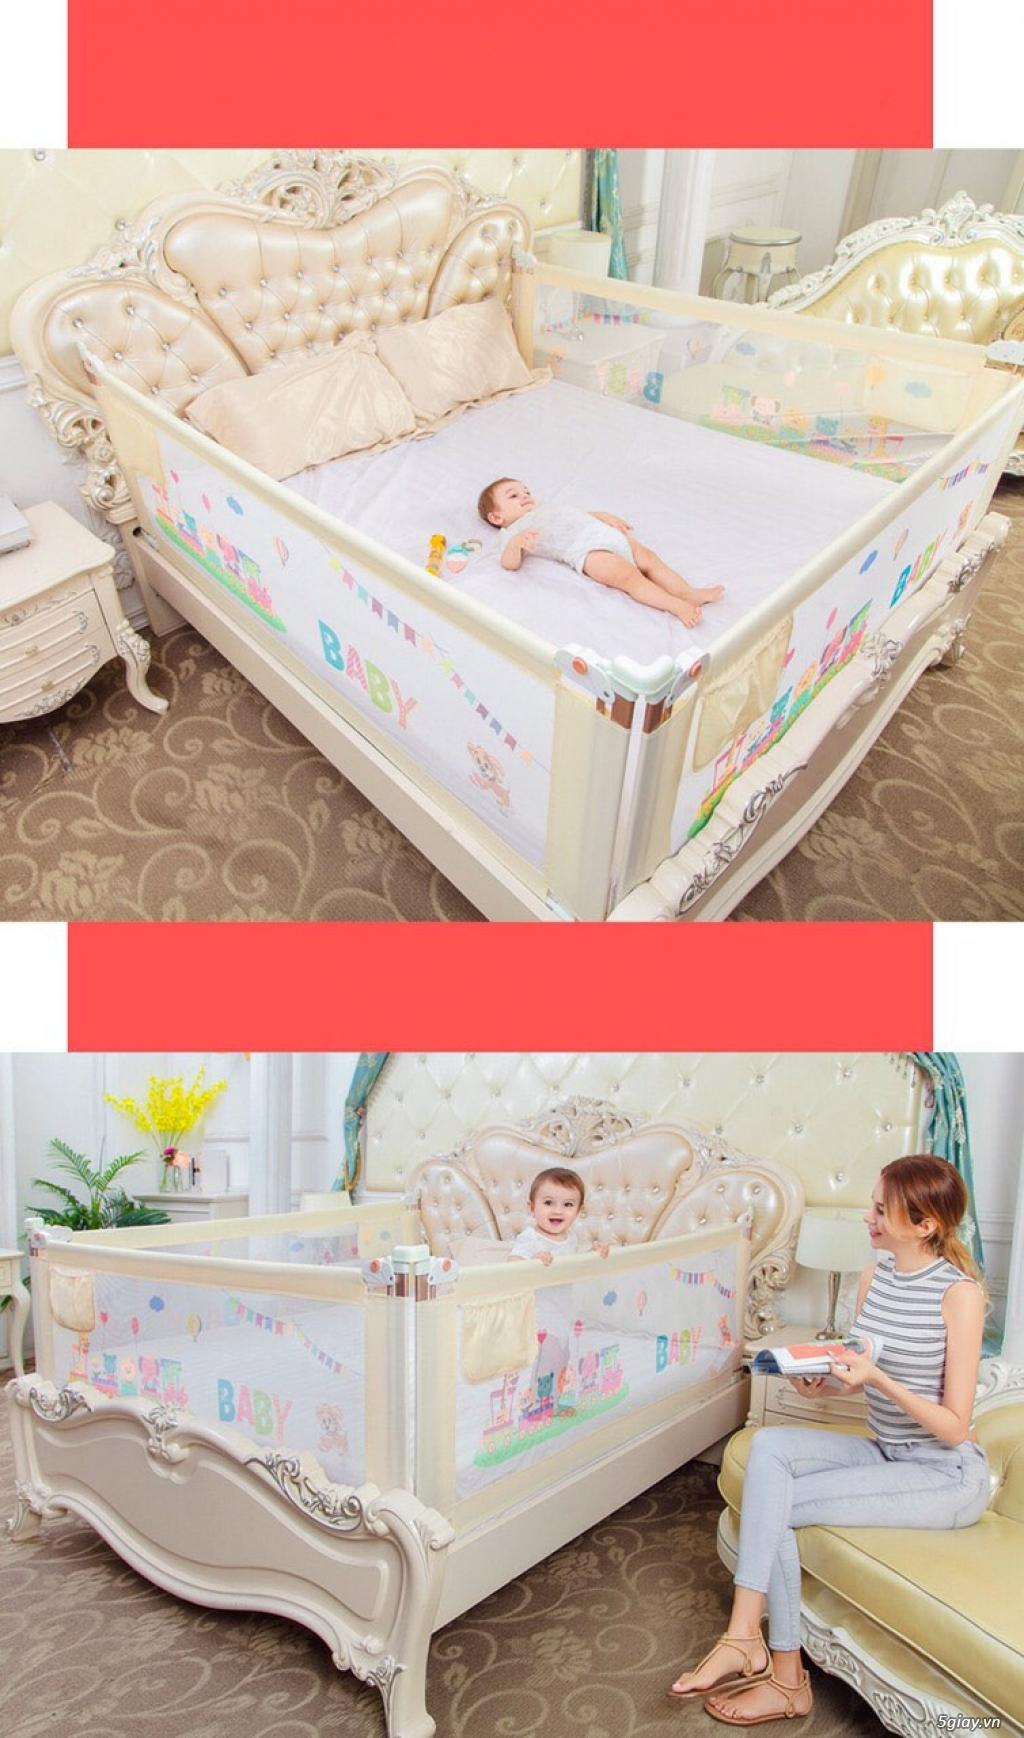 Tấm quây giường an toàn 3B Mart cho trẻ nhỏ